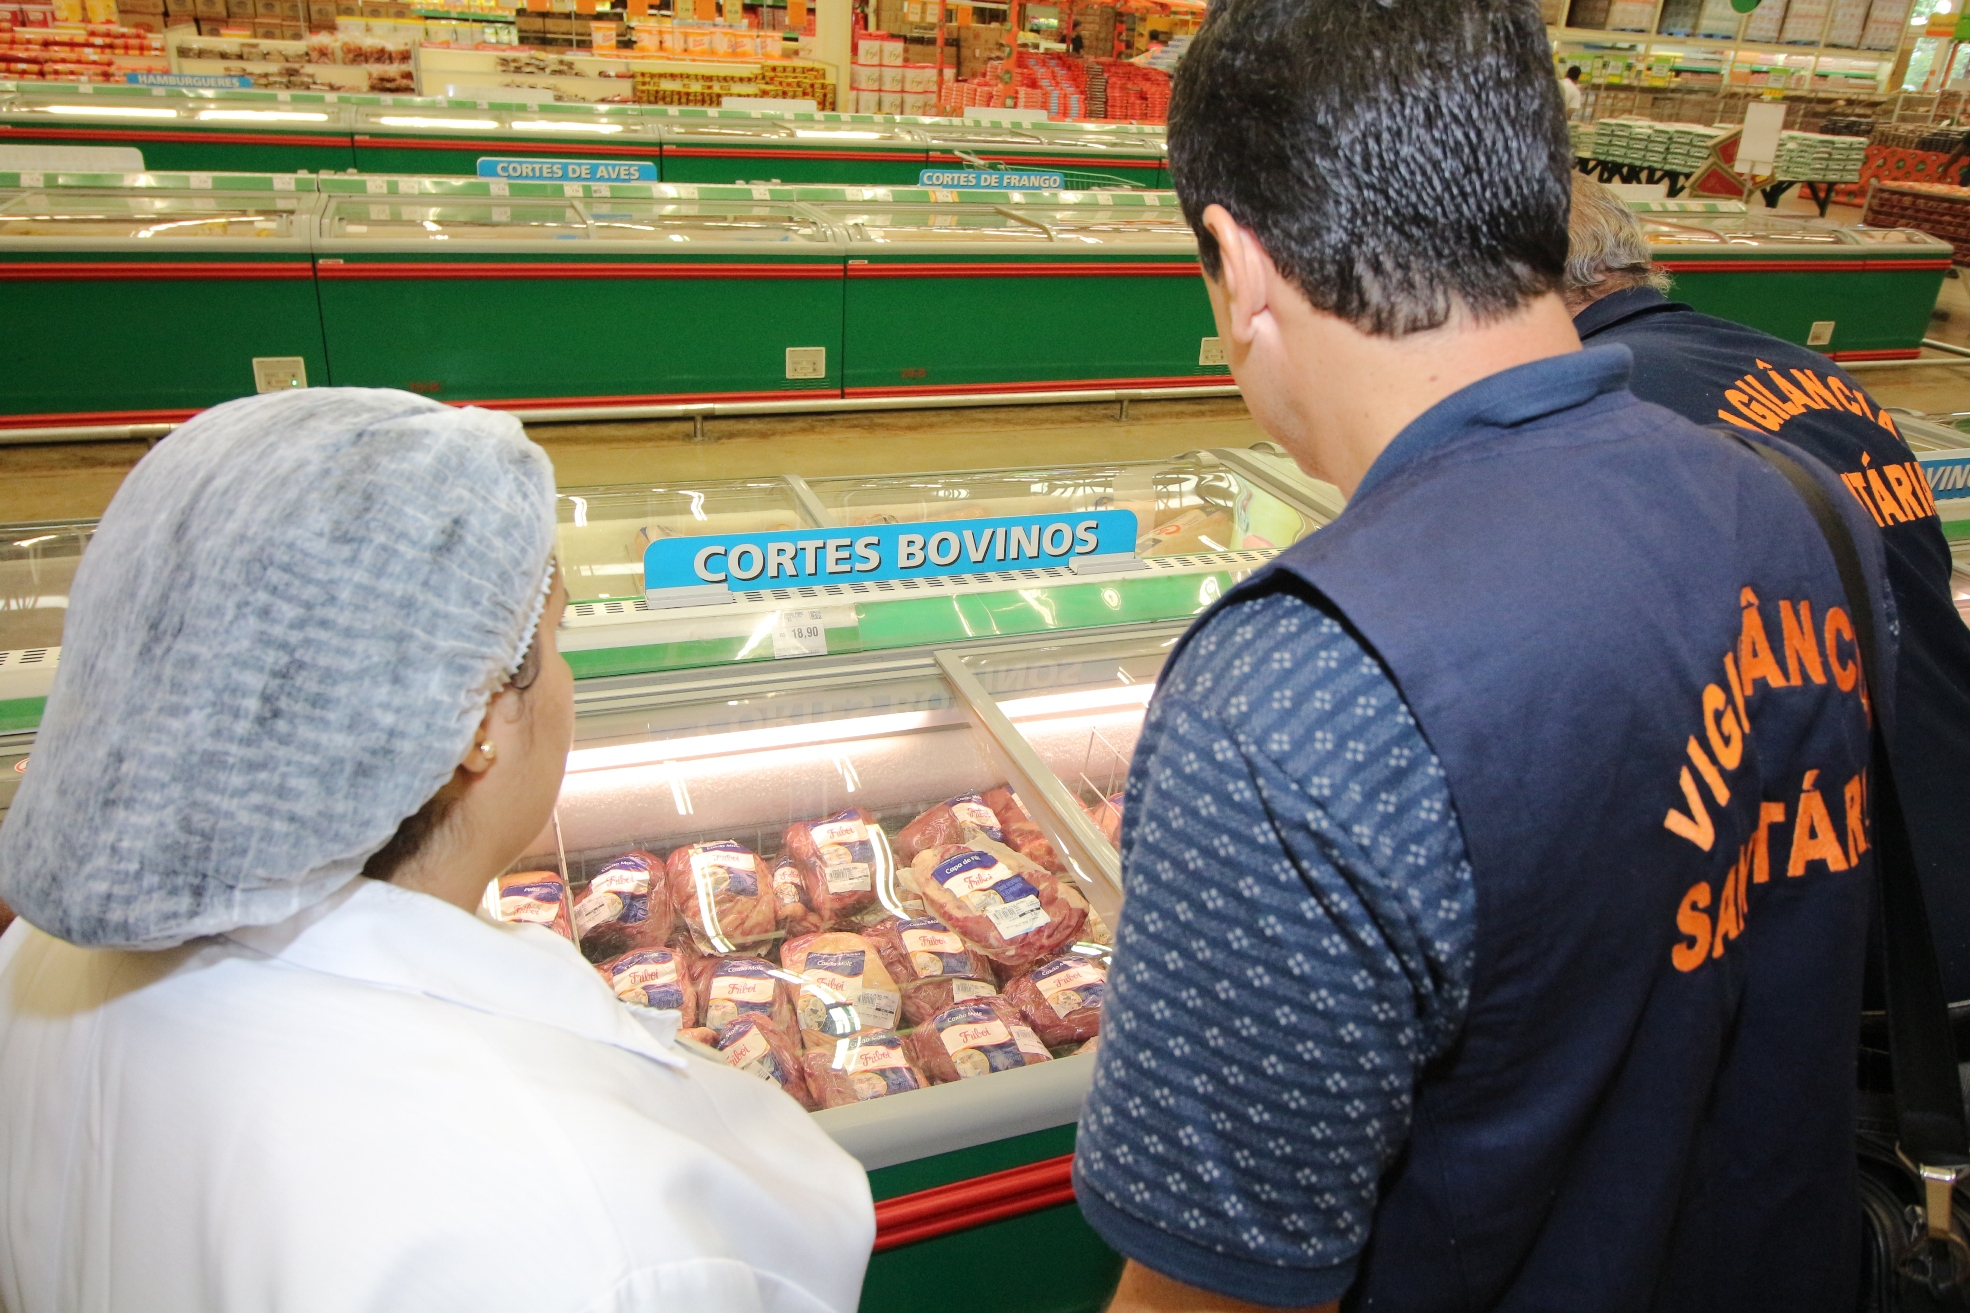 Como A Vigil Ncia Sanit Ria Atua Em Servi Os De Alimenta O